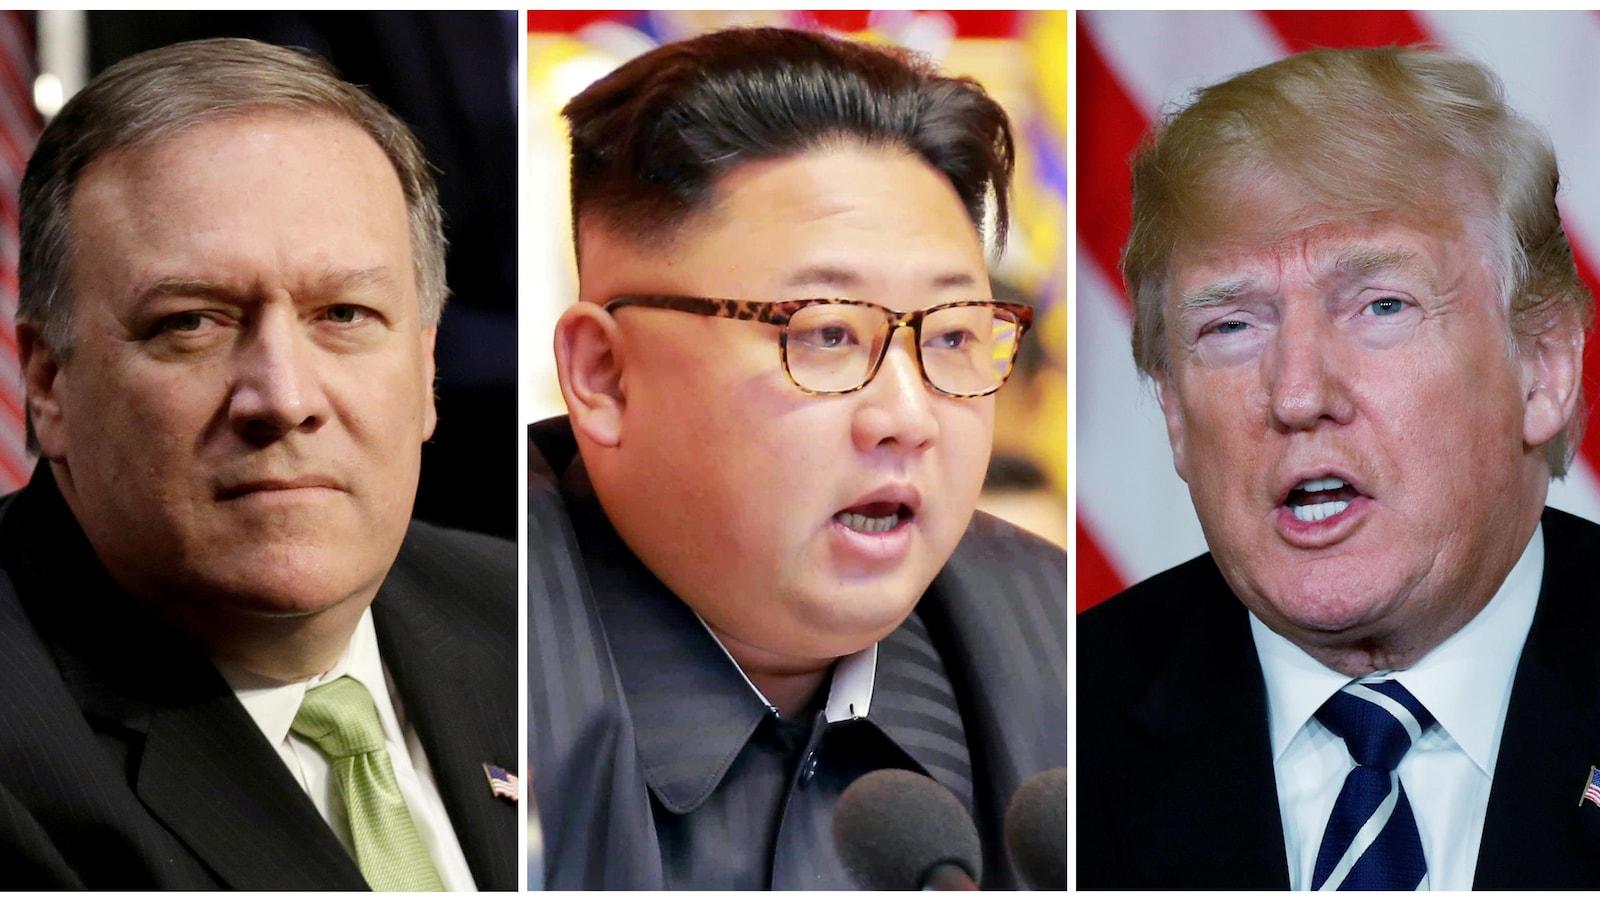 Le secrétaire d'État américain Mike Pompeo, le dirigeant nord-coréen Kim Jong-un et le président américain Donald Trump